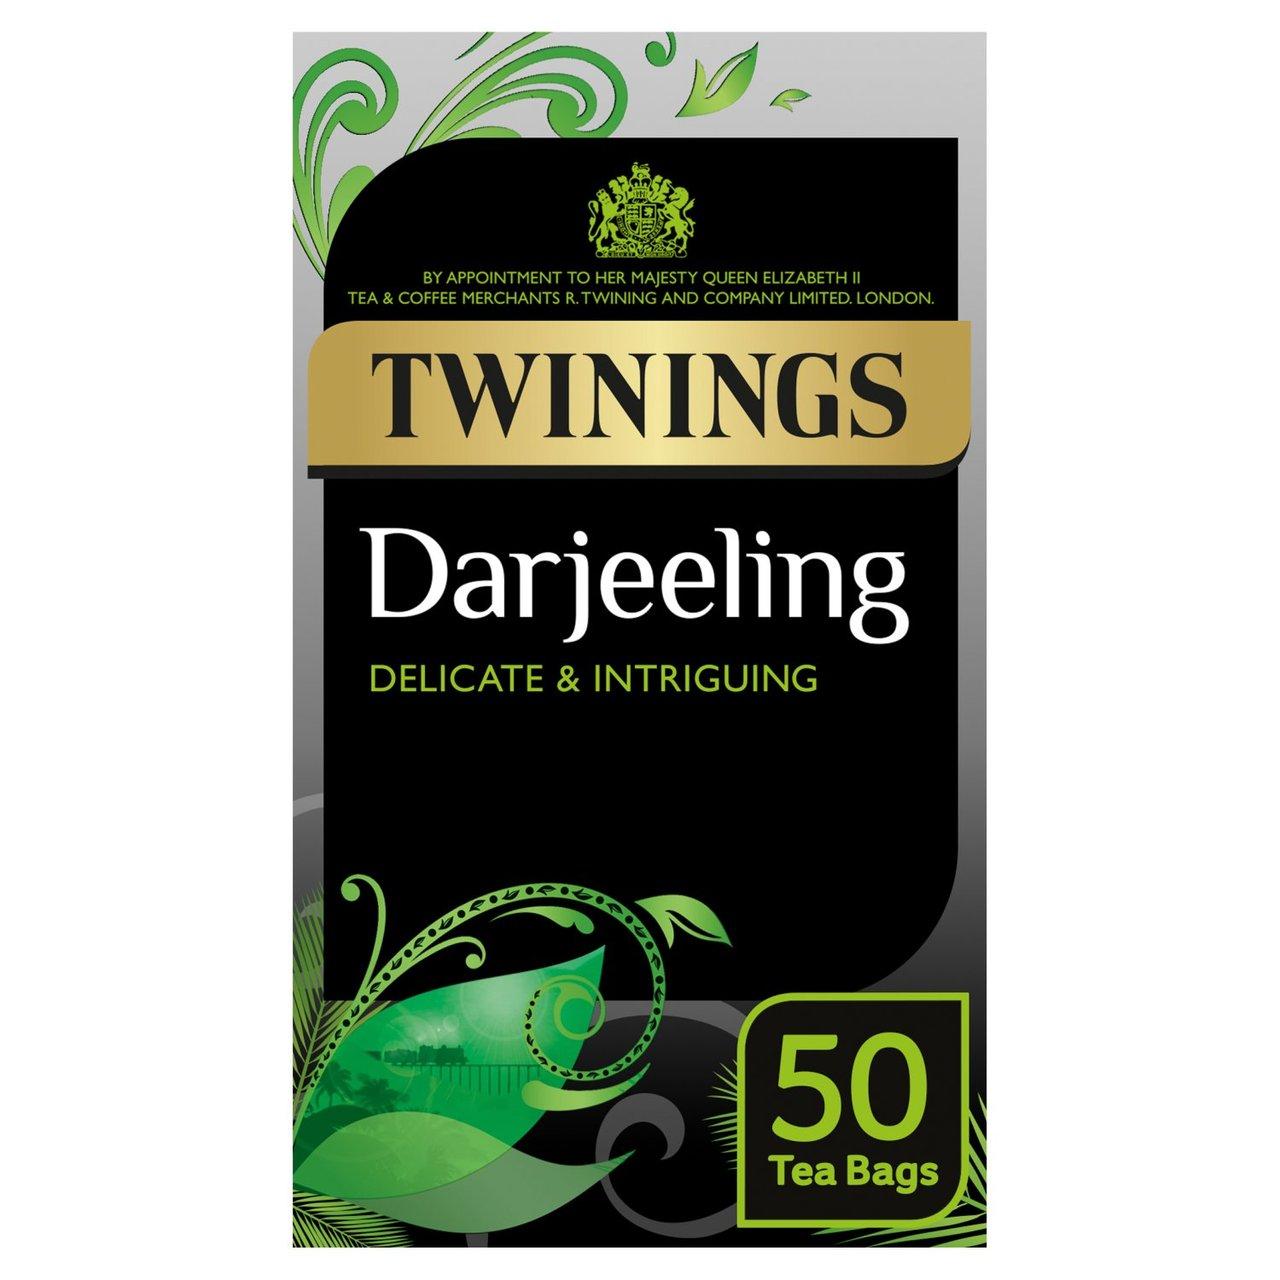 Twinings Darjeeling Tea Bags 50 Pack 125g - 80p @ Morrisons